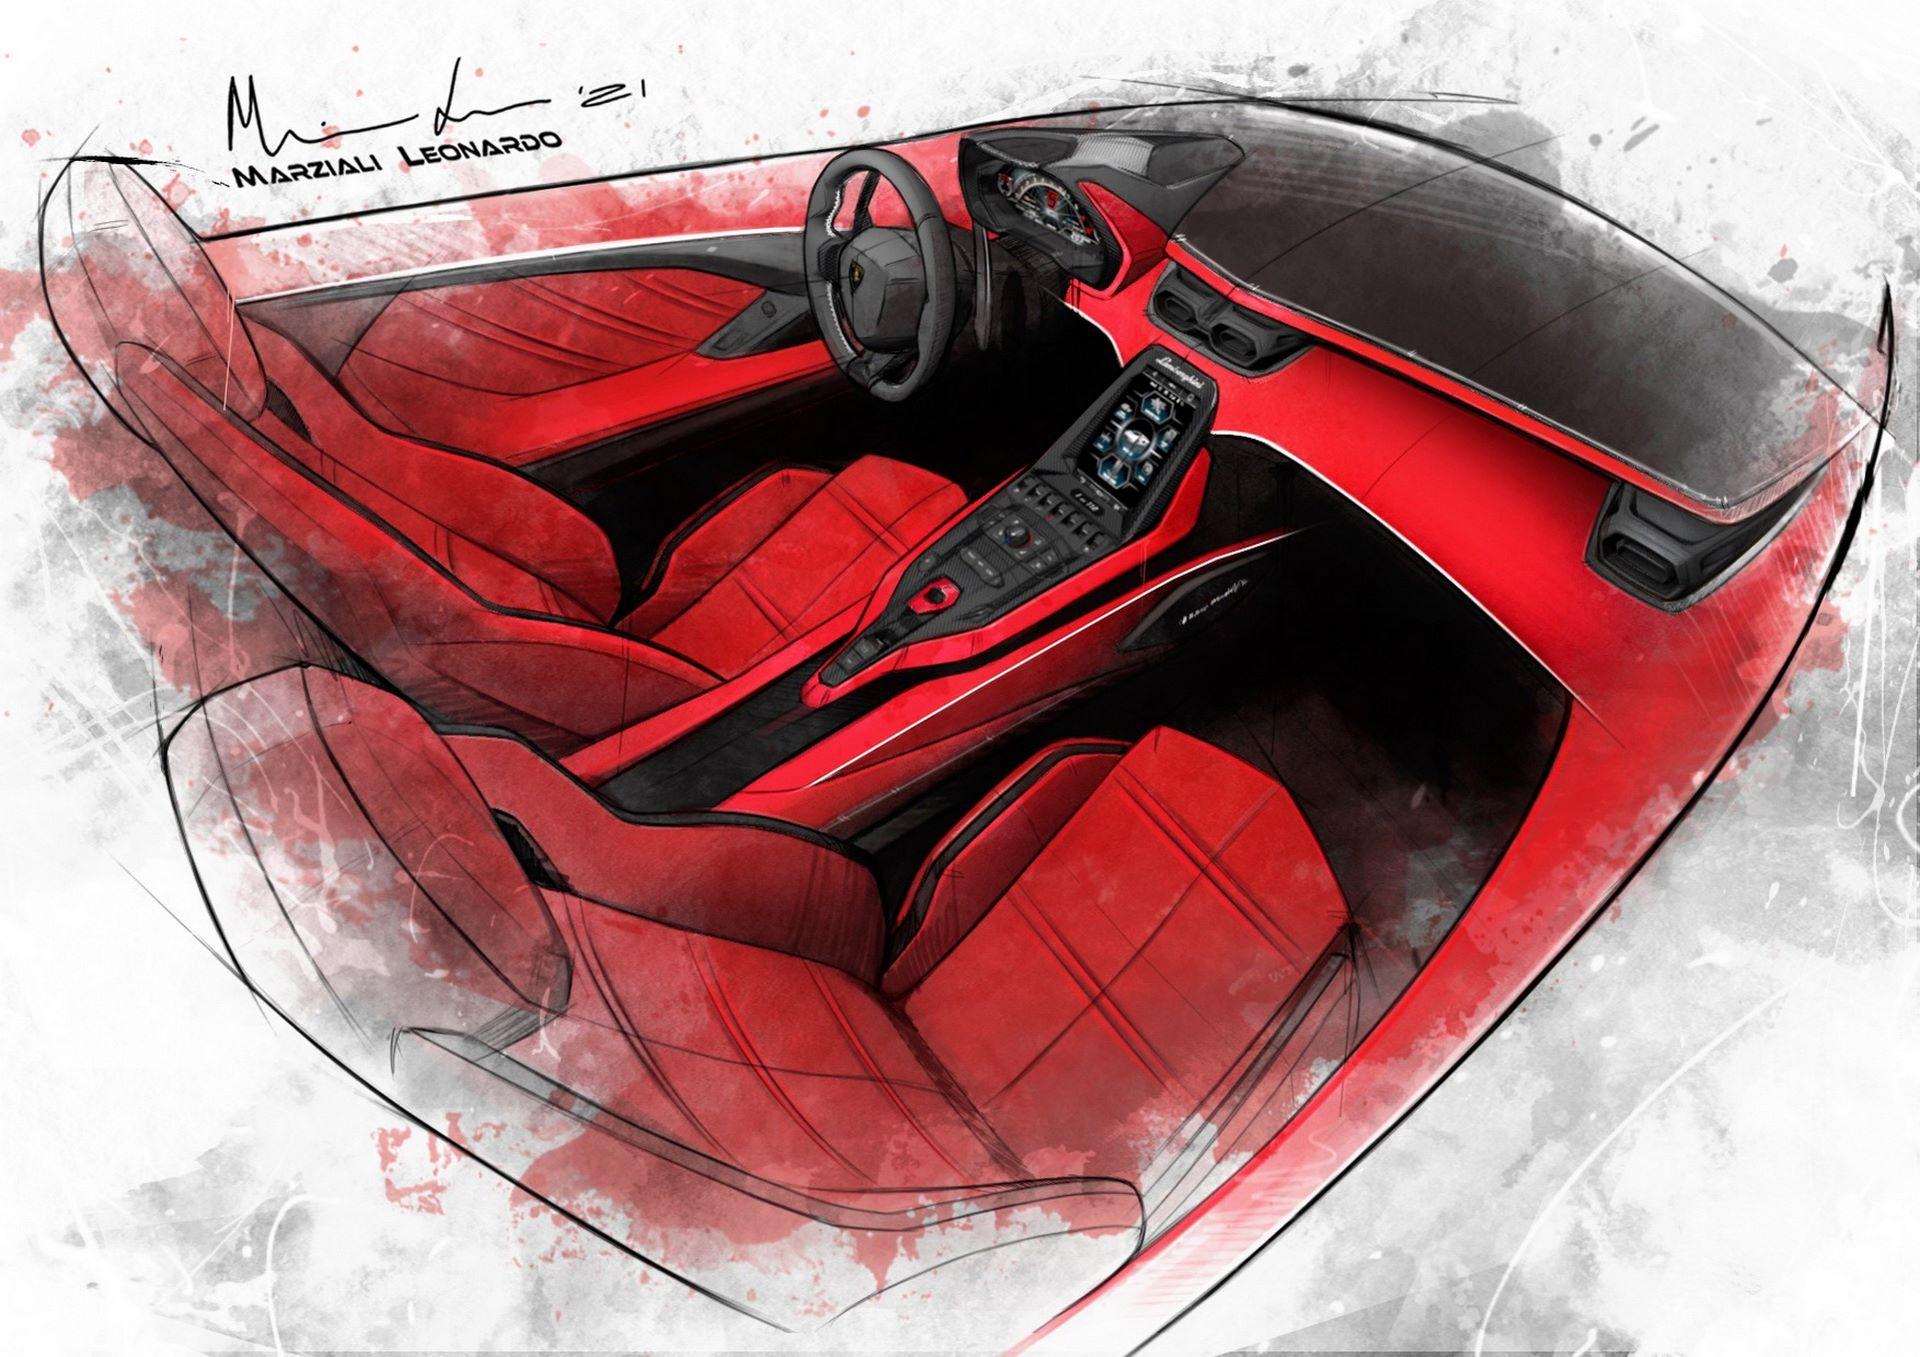 Lamborghini-Countach-LPI-800-4-115